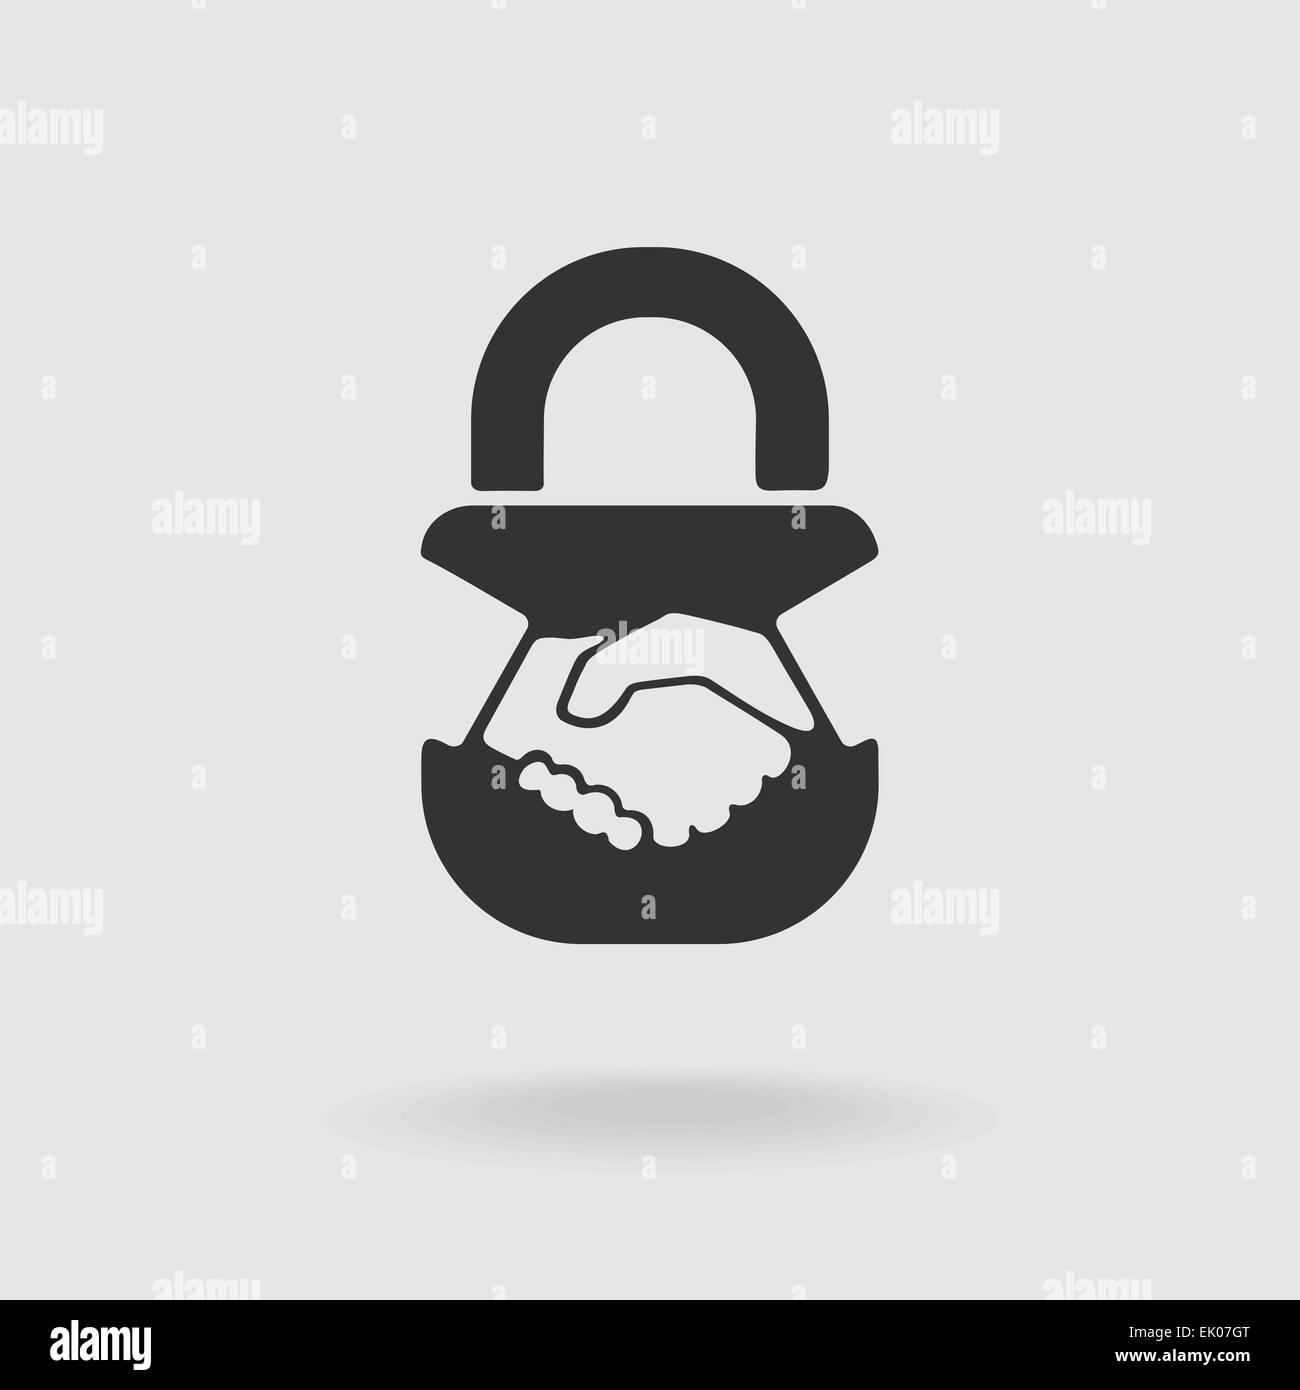 Symbol-Handshake-Sperre Stockbild